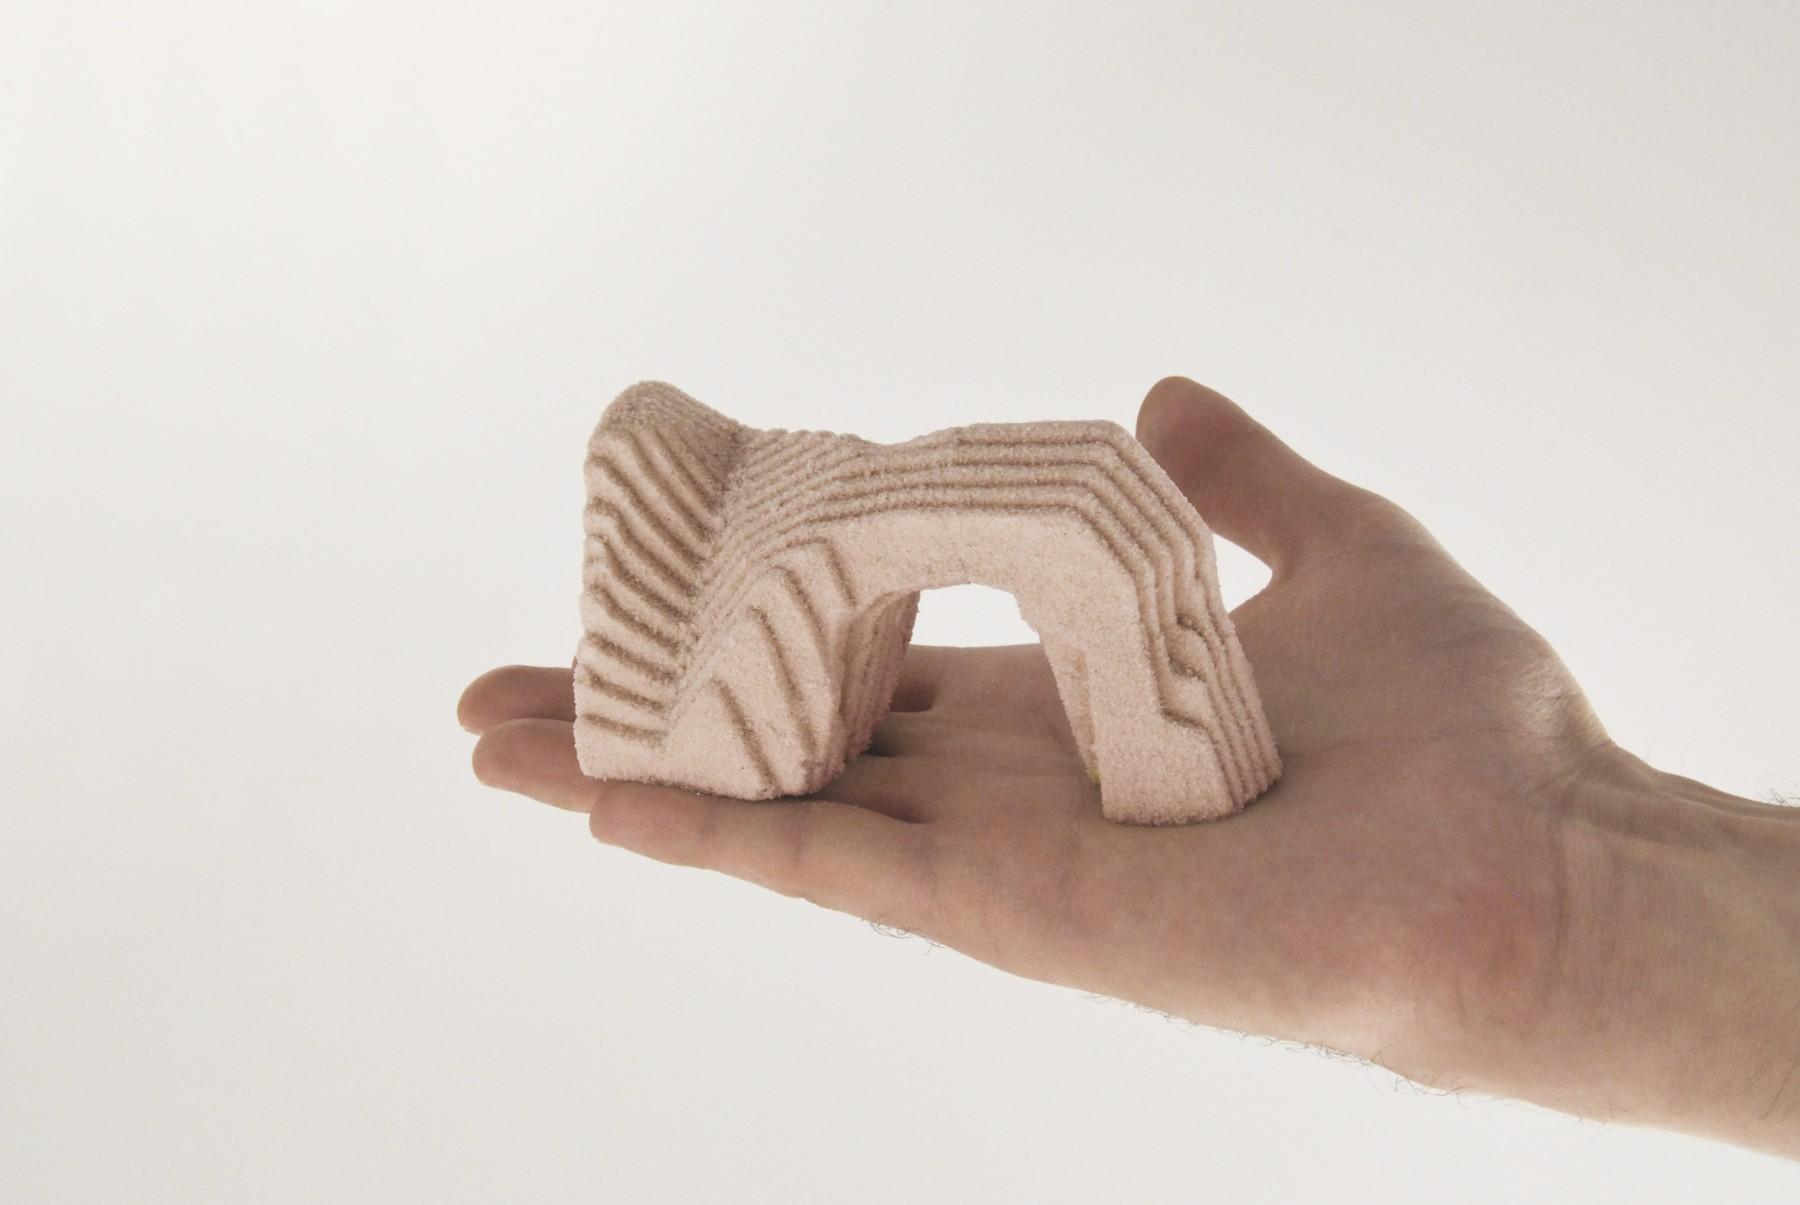 Memorabilia Factory - DurdleDoor - kit de création de souvenirs in Situ en sable calcifié grâce à des bactéries - client : Design Exquis - www.bold-design.fr